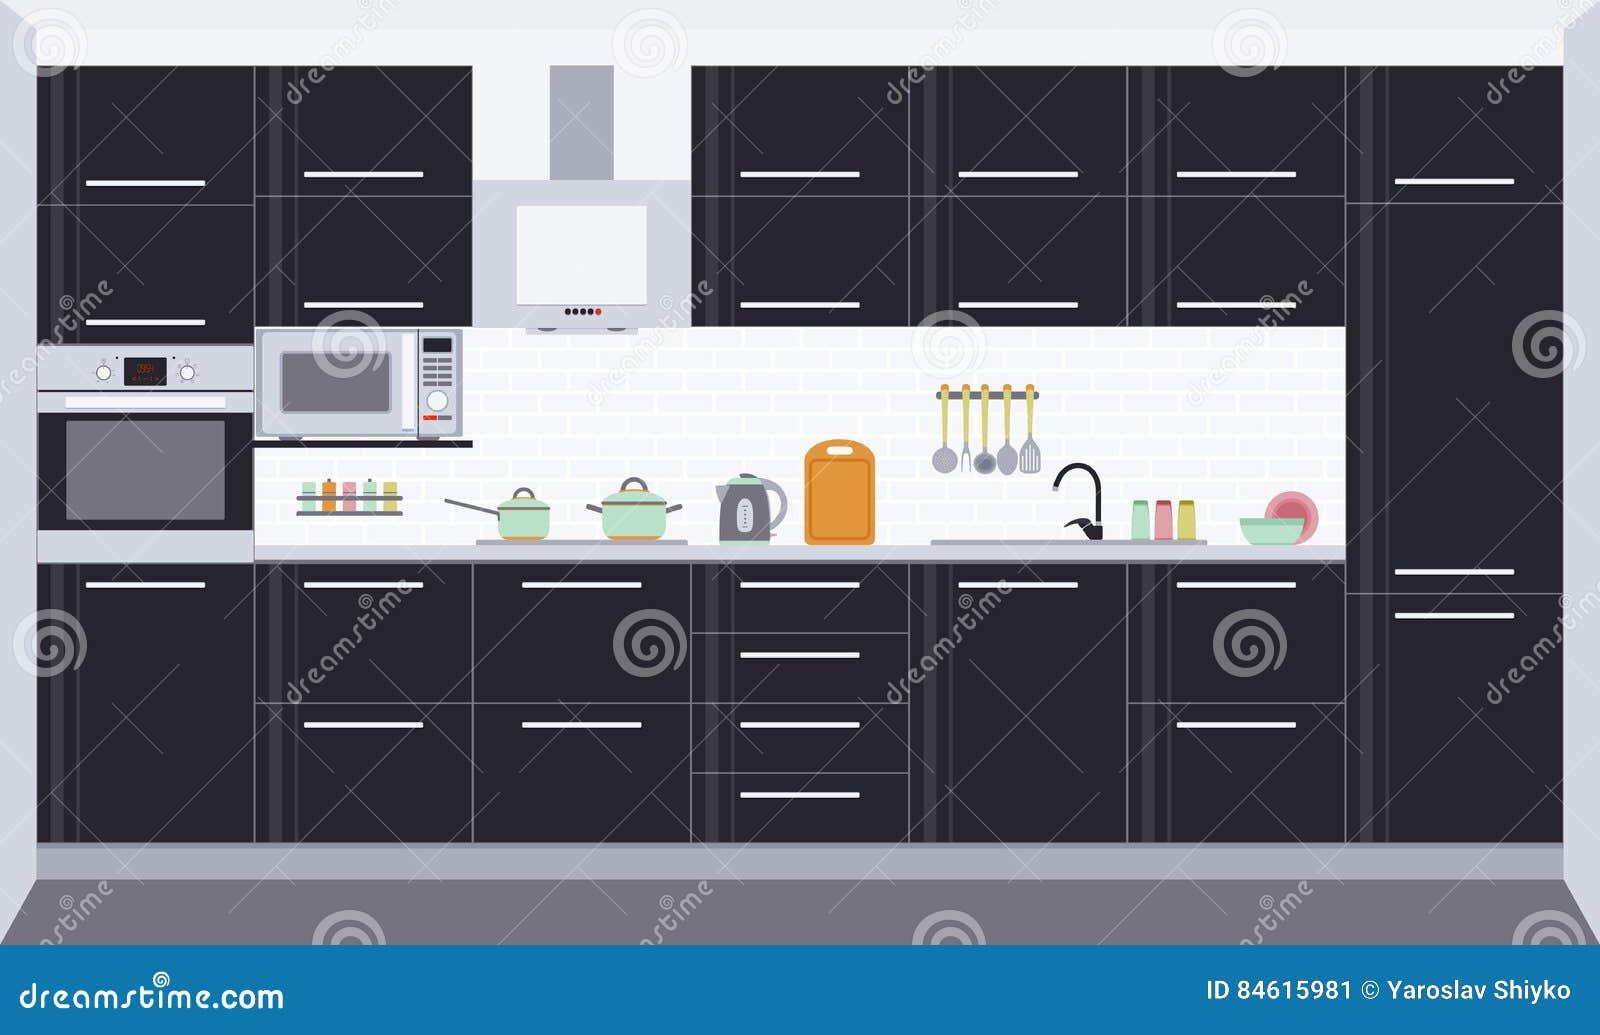 Innenarchitektur Der Küche Front View Vektor Abbildung ...